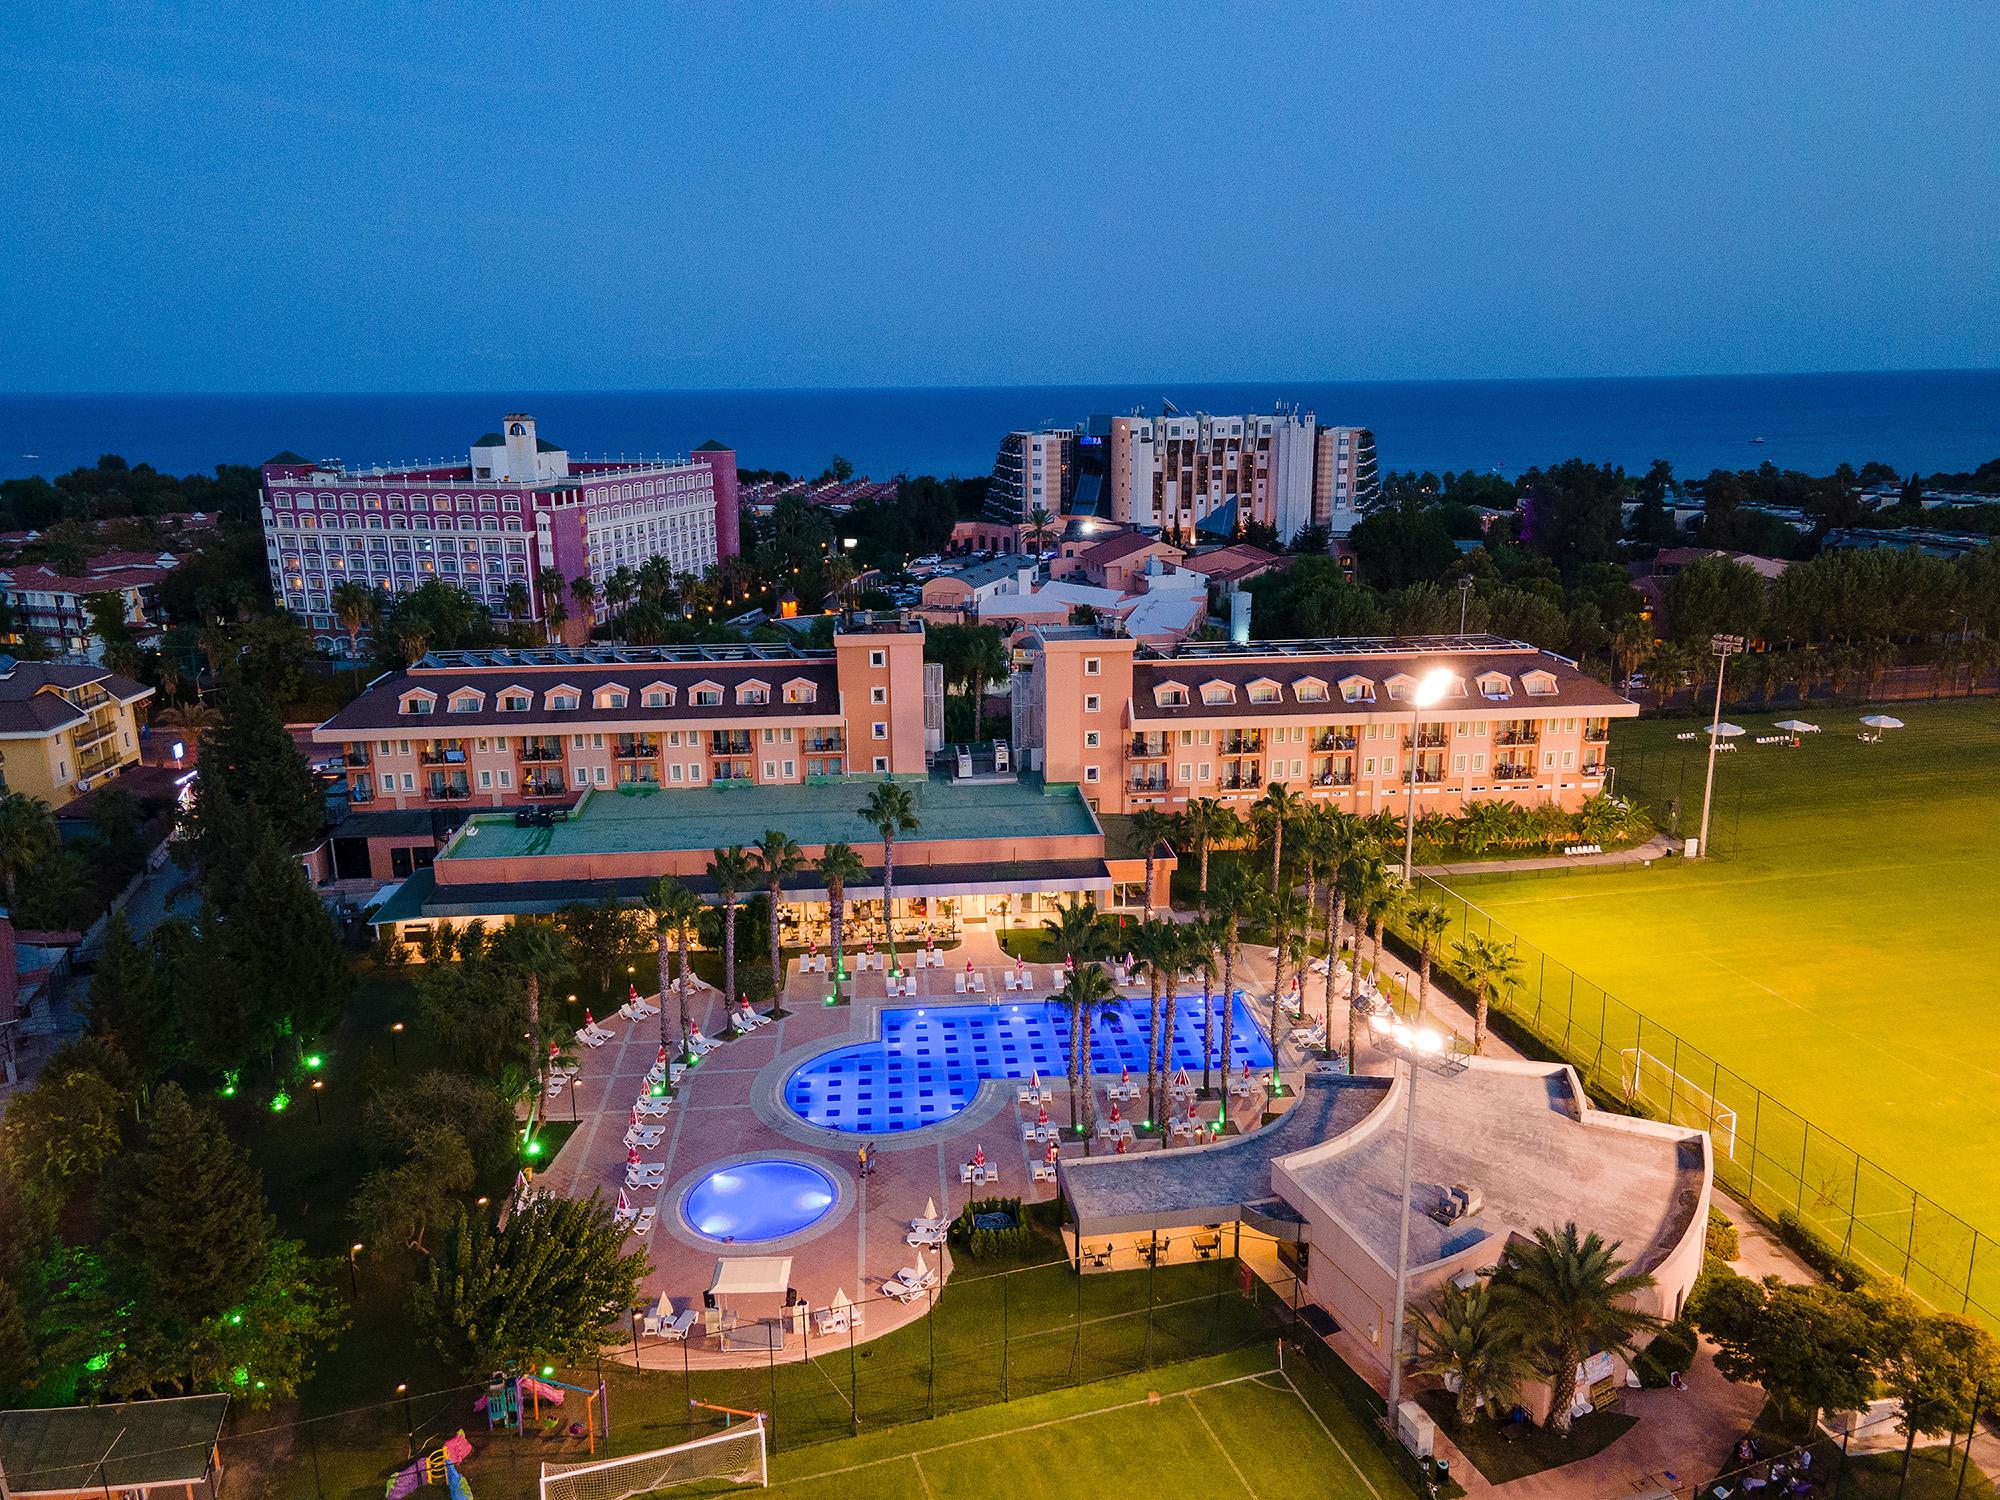 Viking Park Hotel